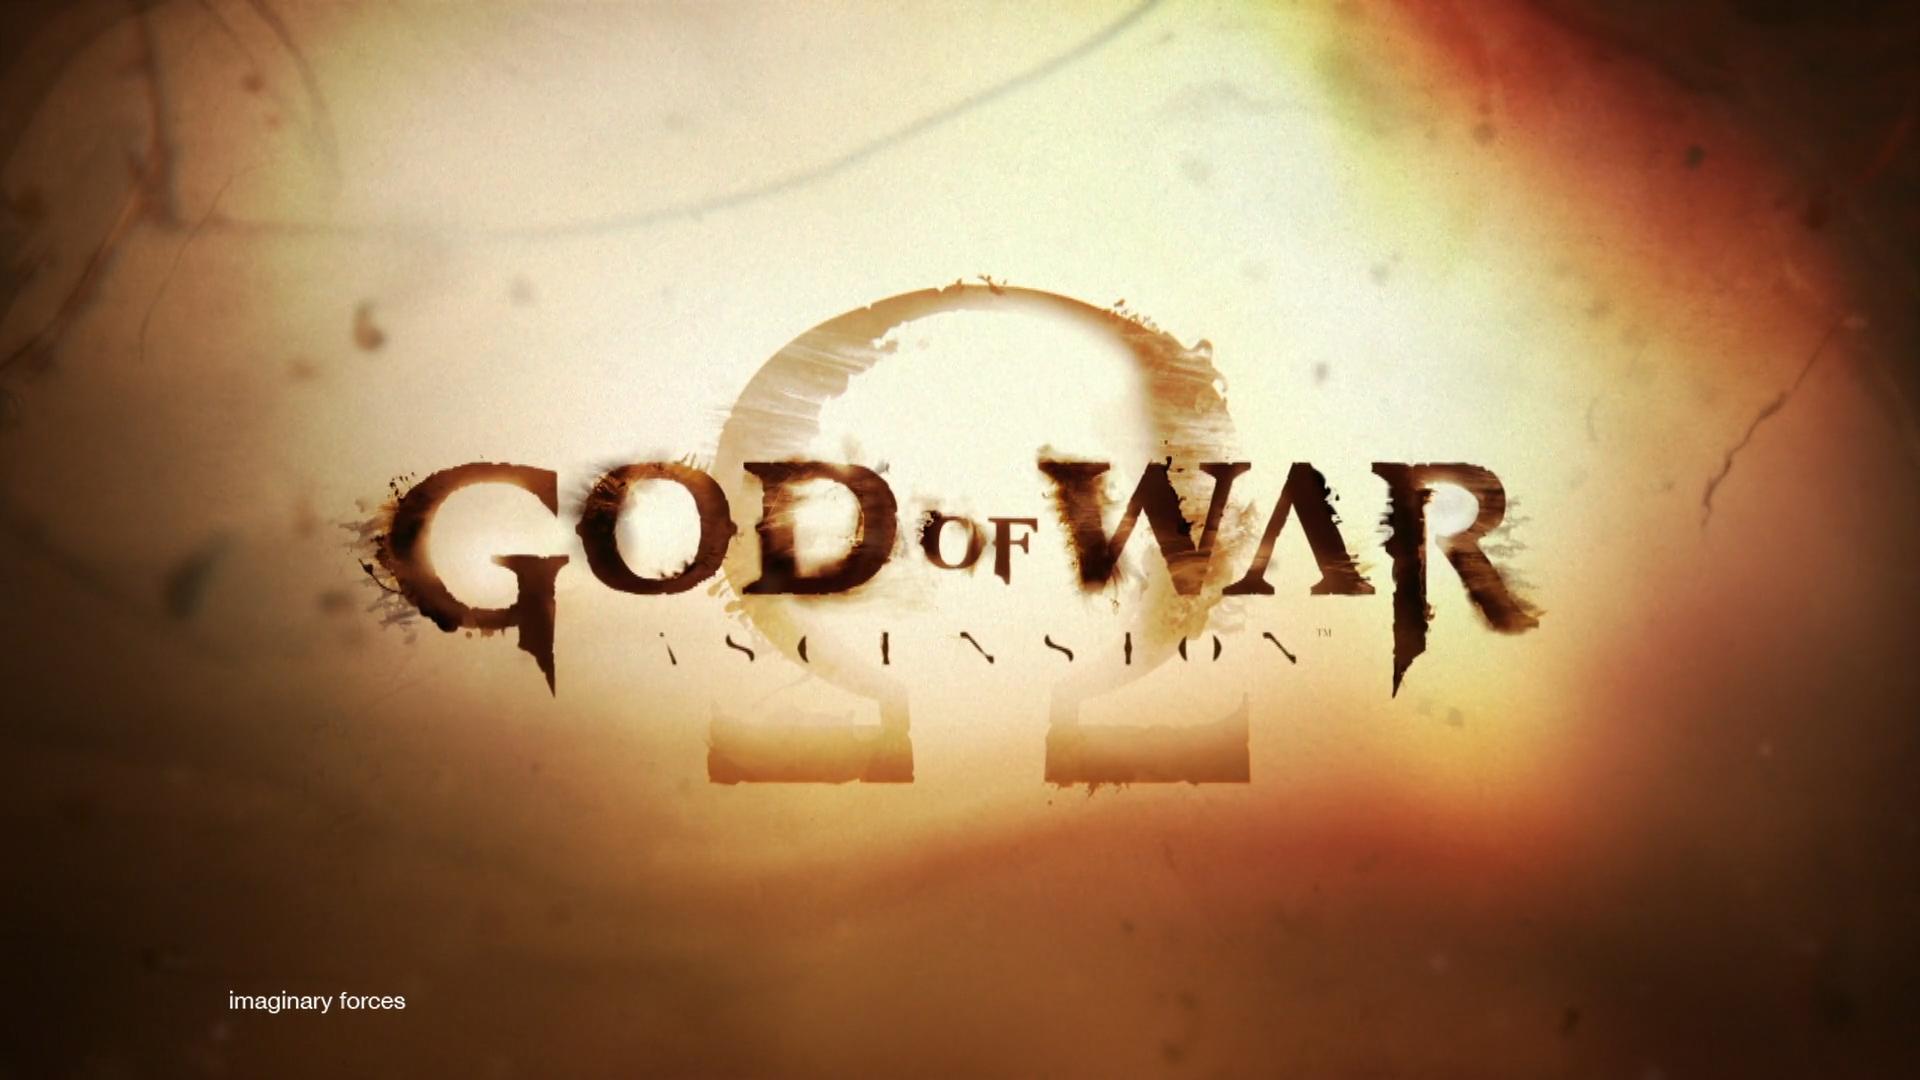 God of War Ascension Teaser (01738)